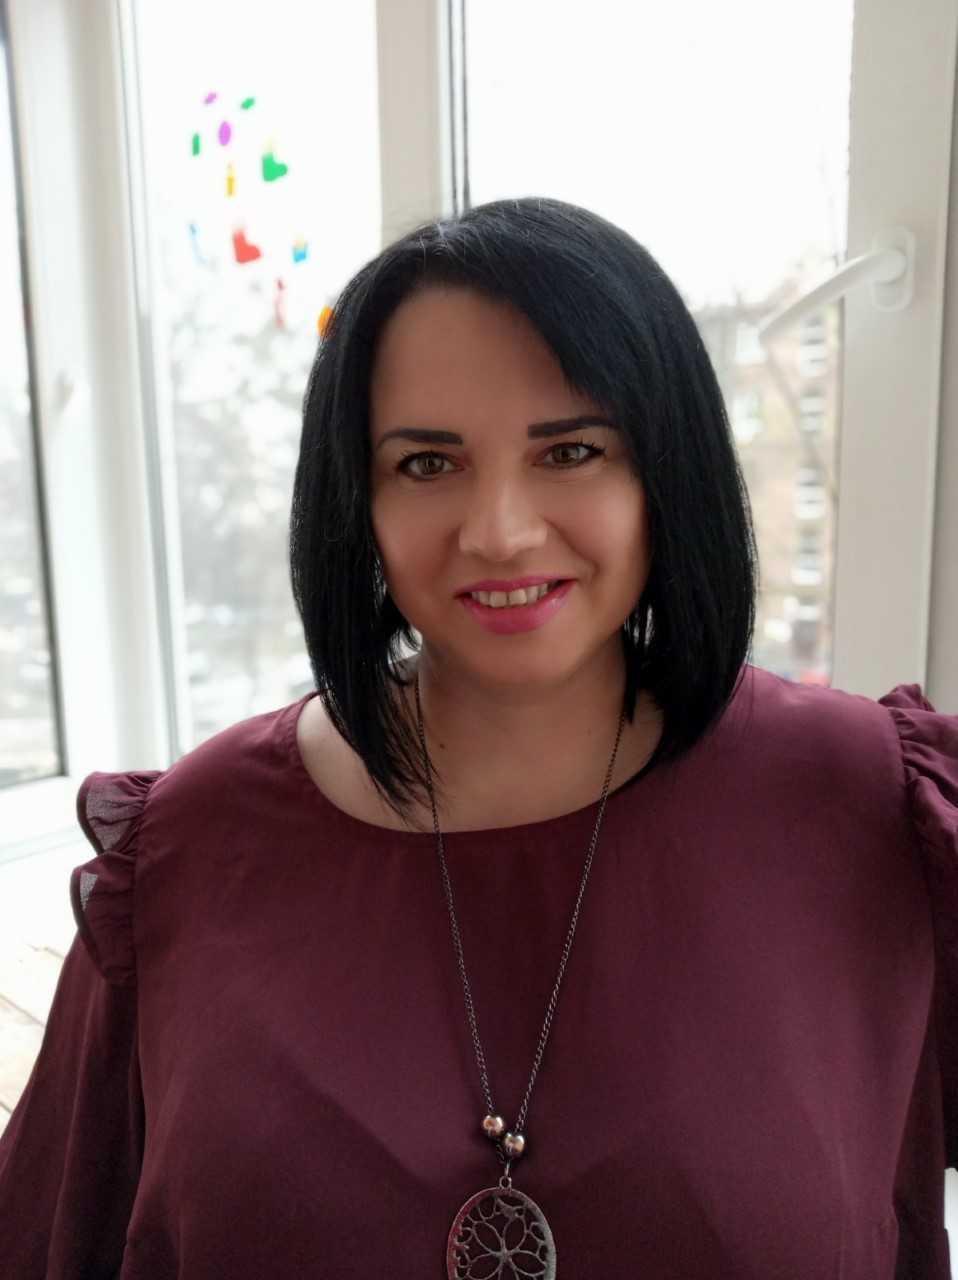 Психолог Елена Антоненко верит, что человек может измениться / фото: УНИАН